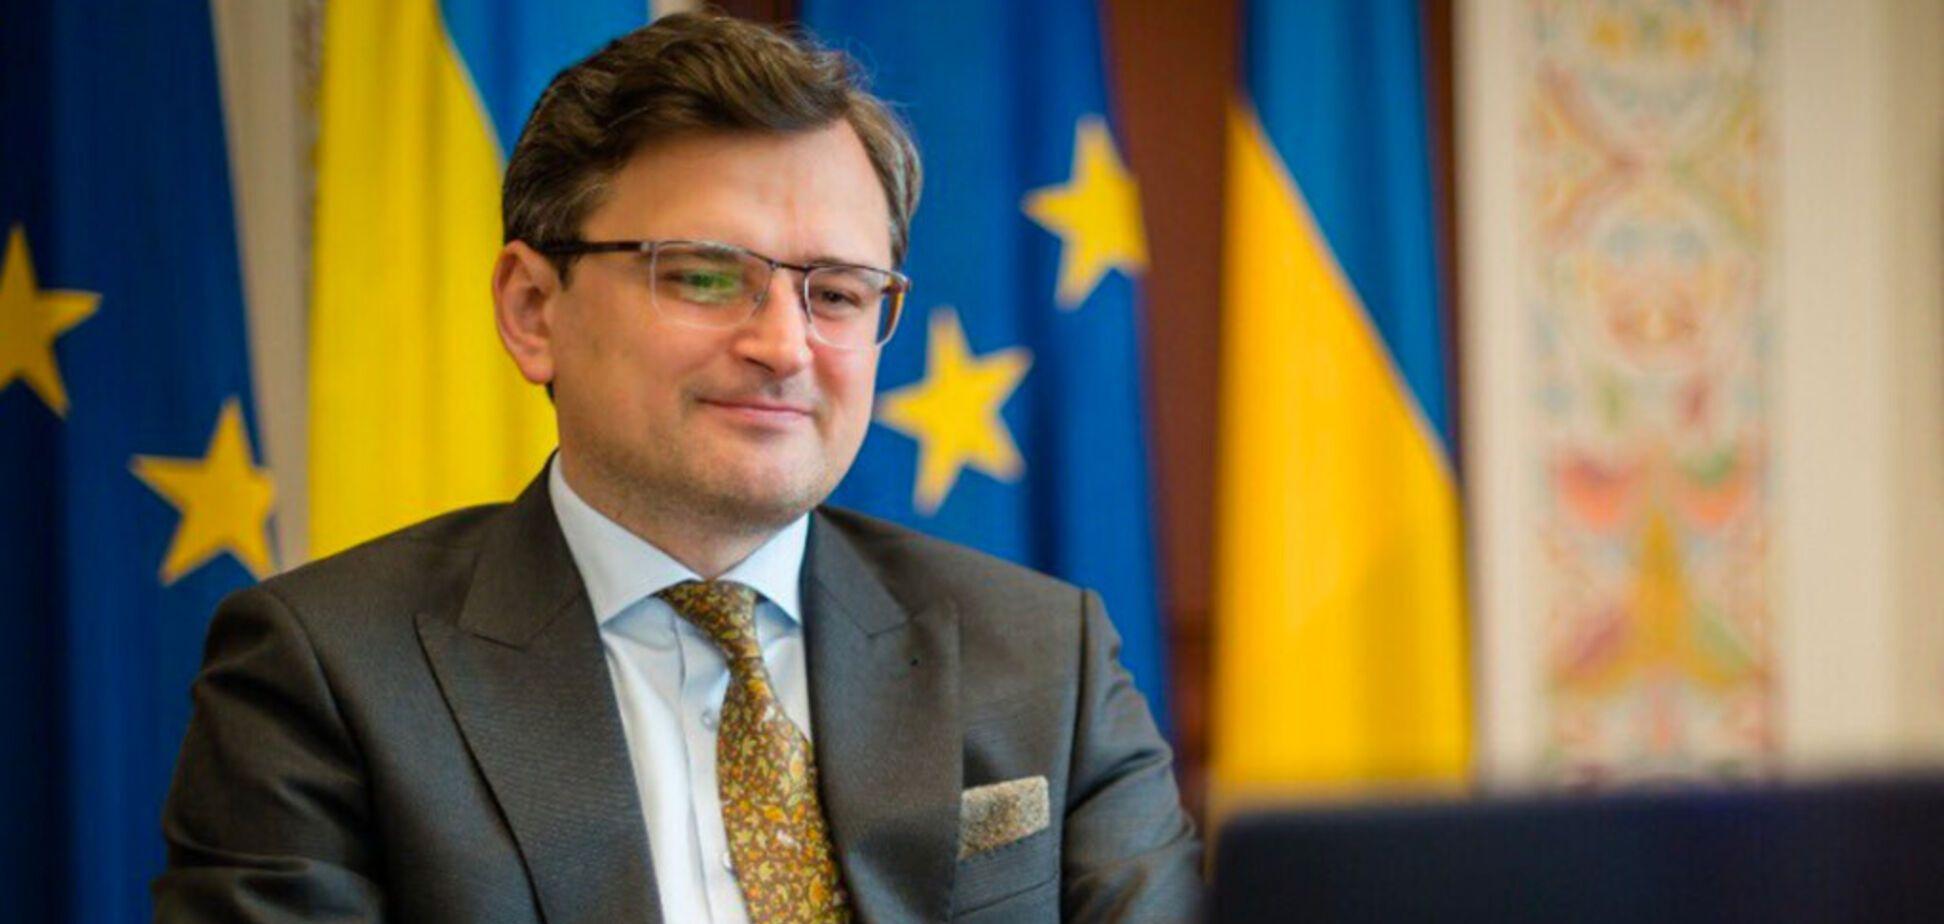 Дмитрий Кулеба рассказал, что может защитить Украину вместо Будапештского меморандума